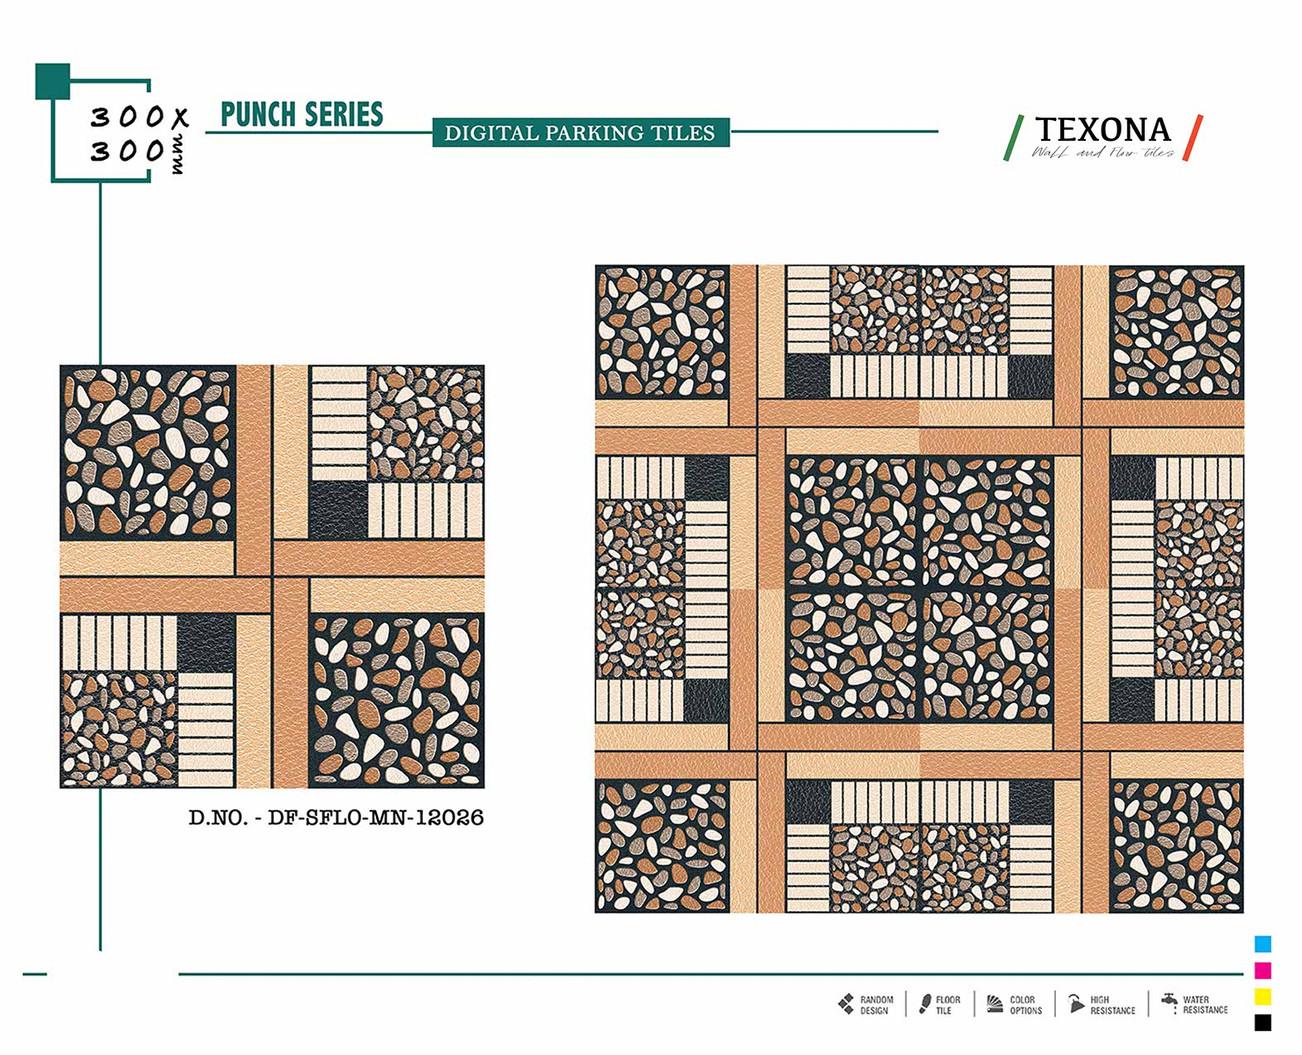 12X12 PARKING VOL.4_Page_37_Image_0001.j